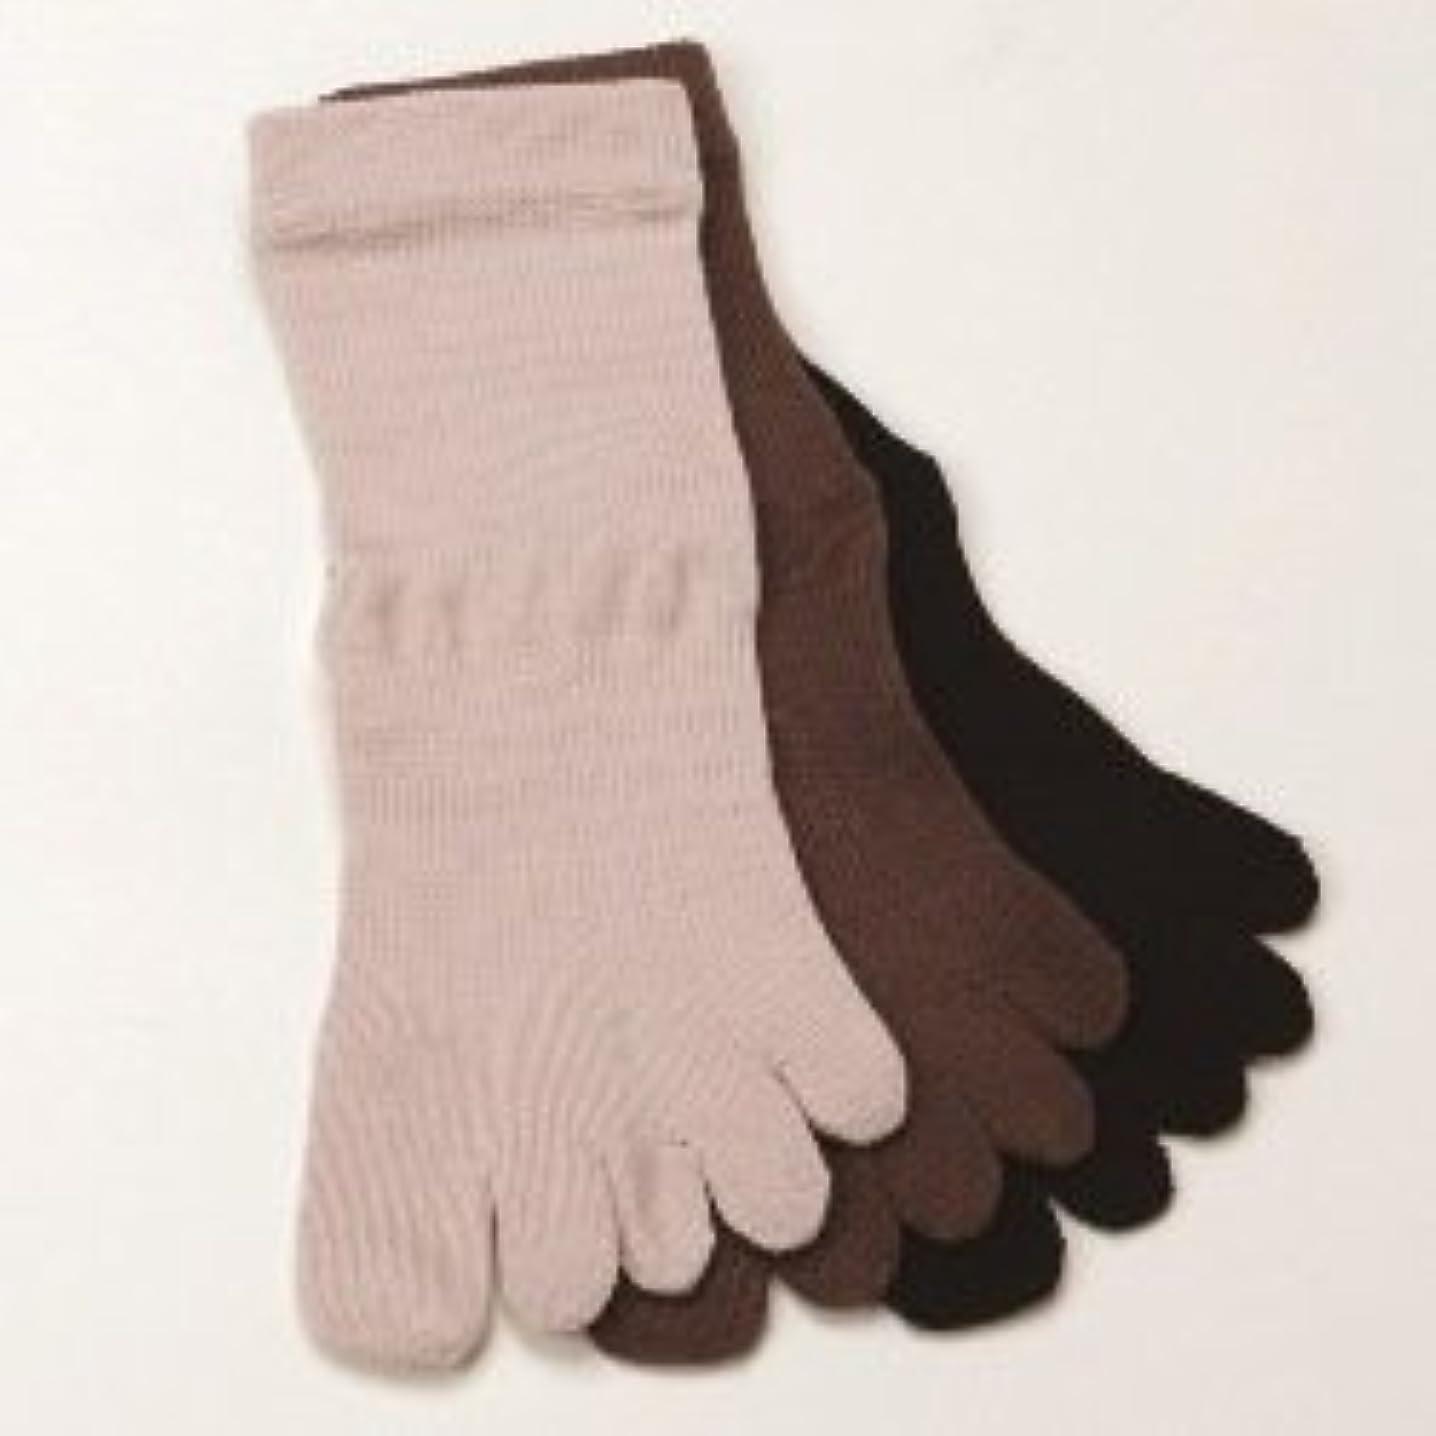 メロディアスできれば丘トルマリン 安心環 婦人用5本指ソックス 健康は快適な足元から!(黒 お得!2足組)